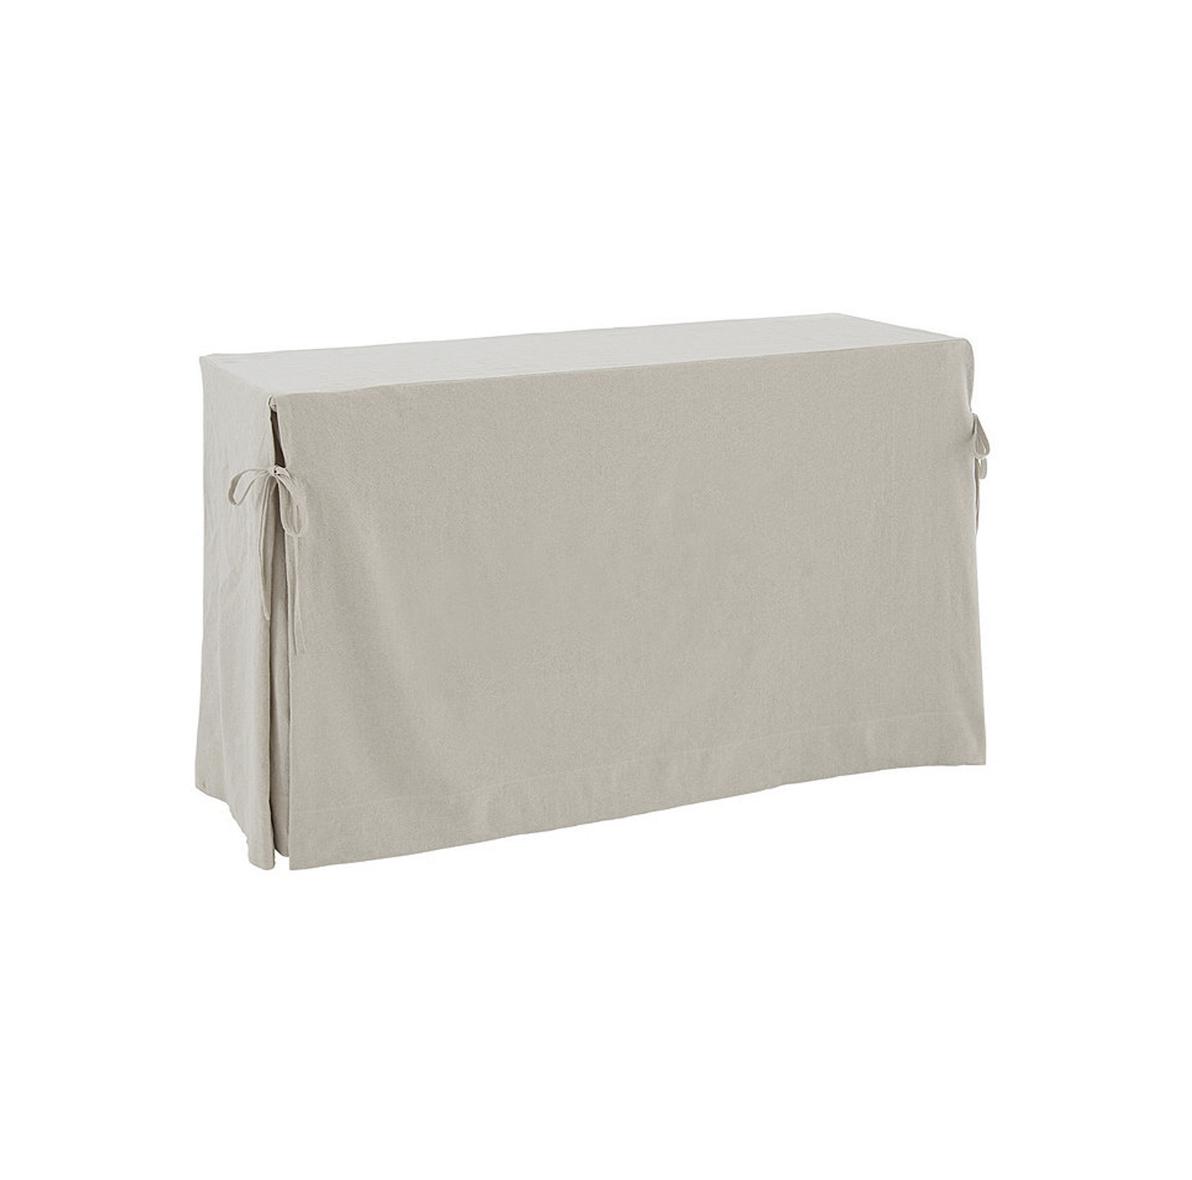 6ft/8ft Slipcover Sofa Table $60